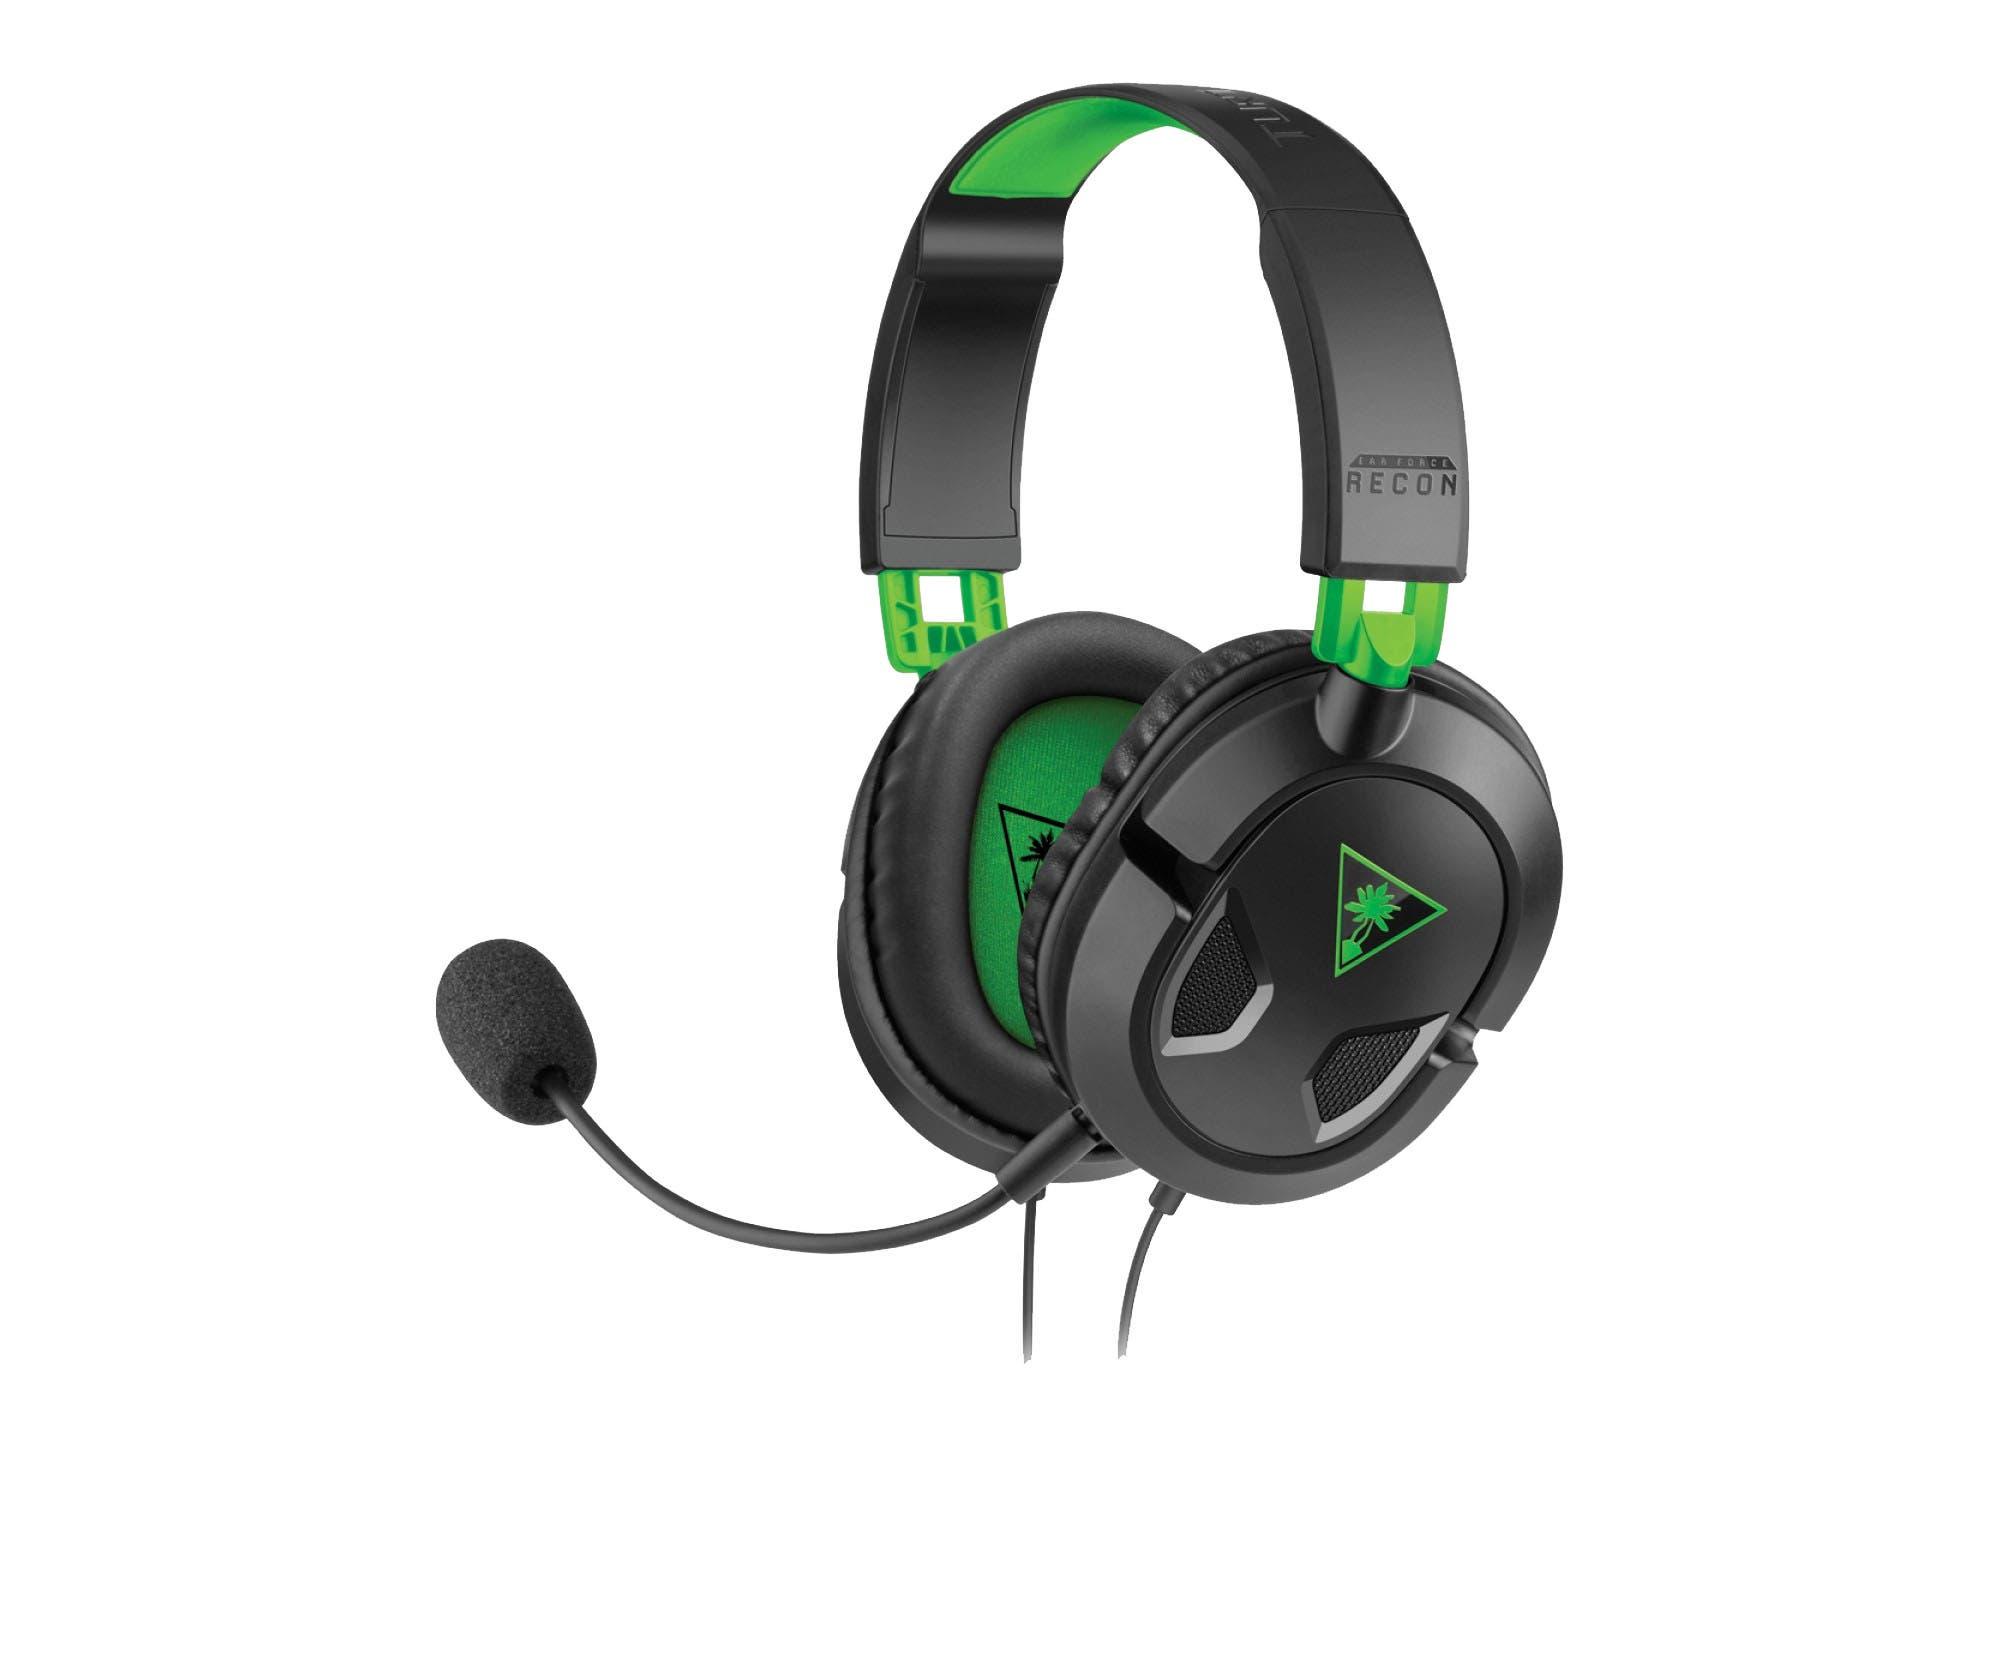 cascos compatibles con xbox one